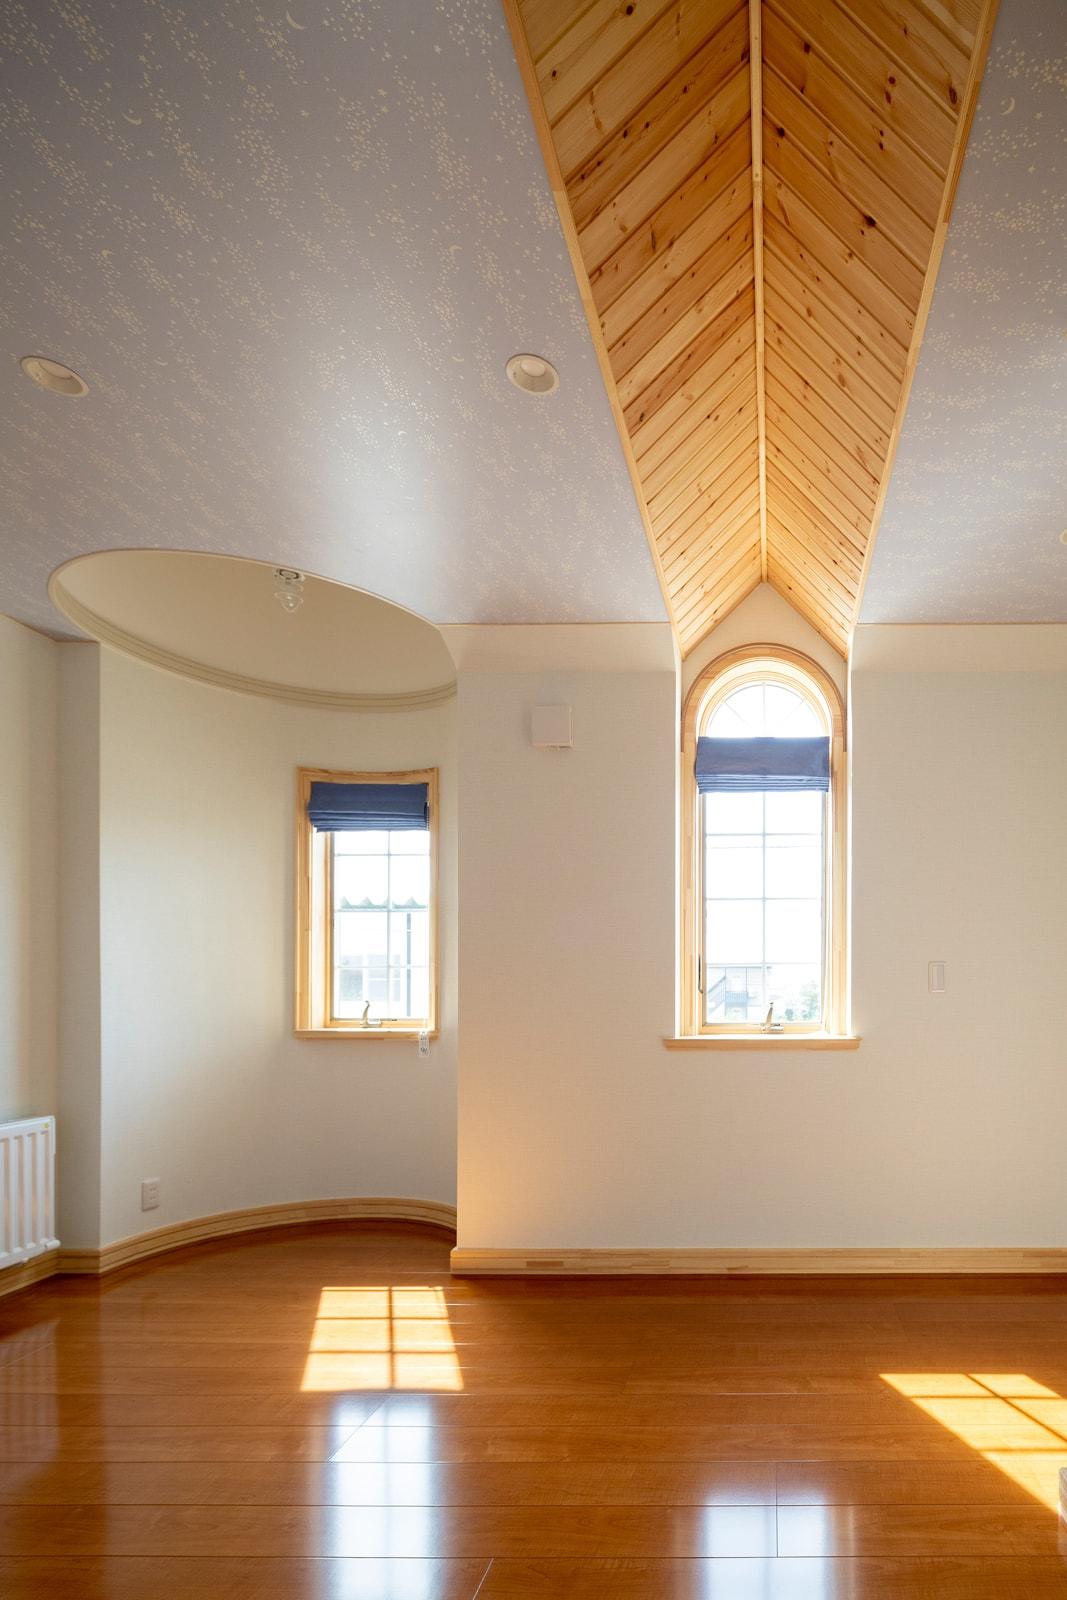 塔のある複雑な形状を生かした個性的なレイアウトの部屋